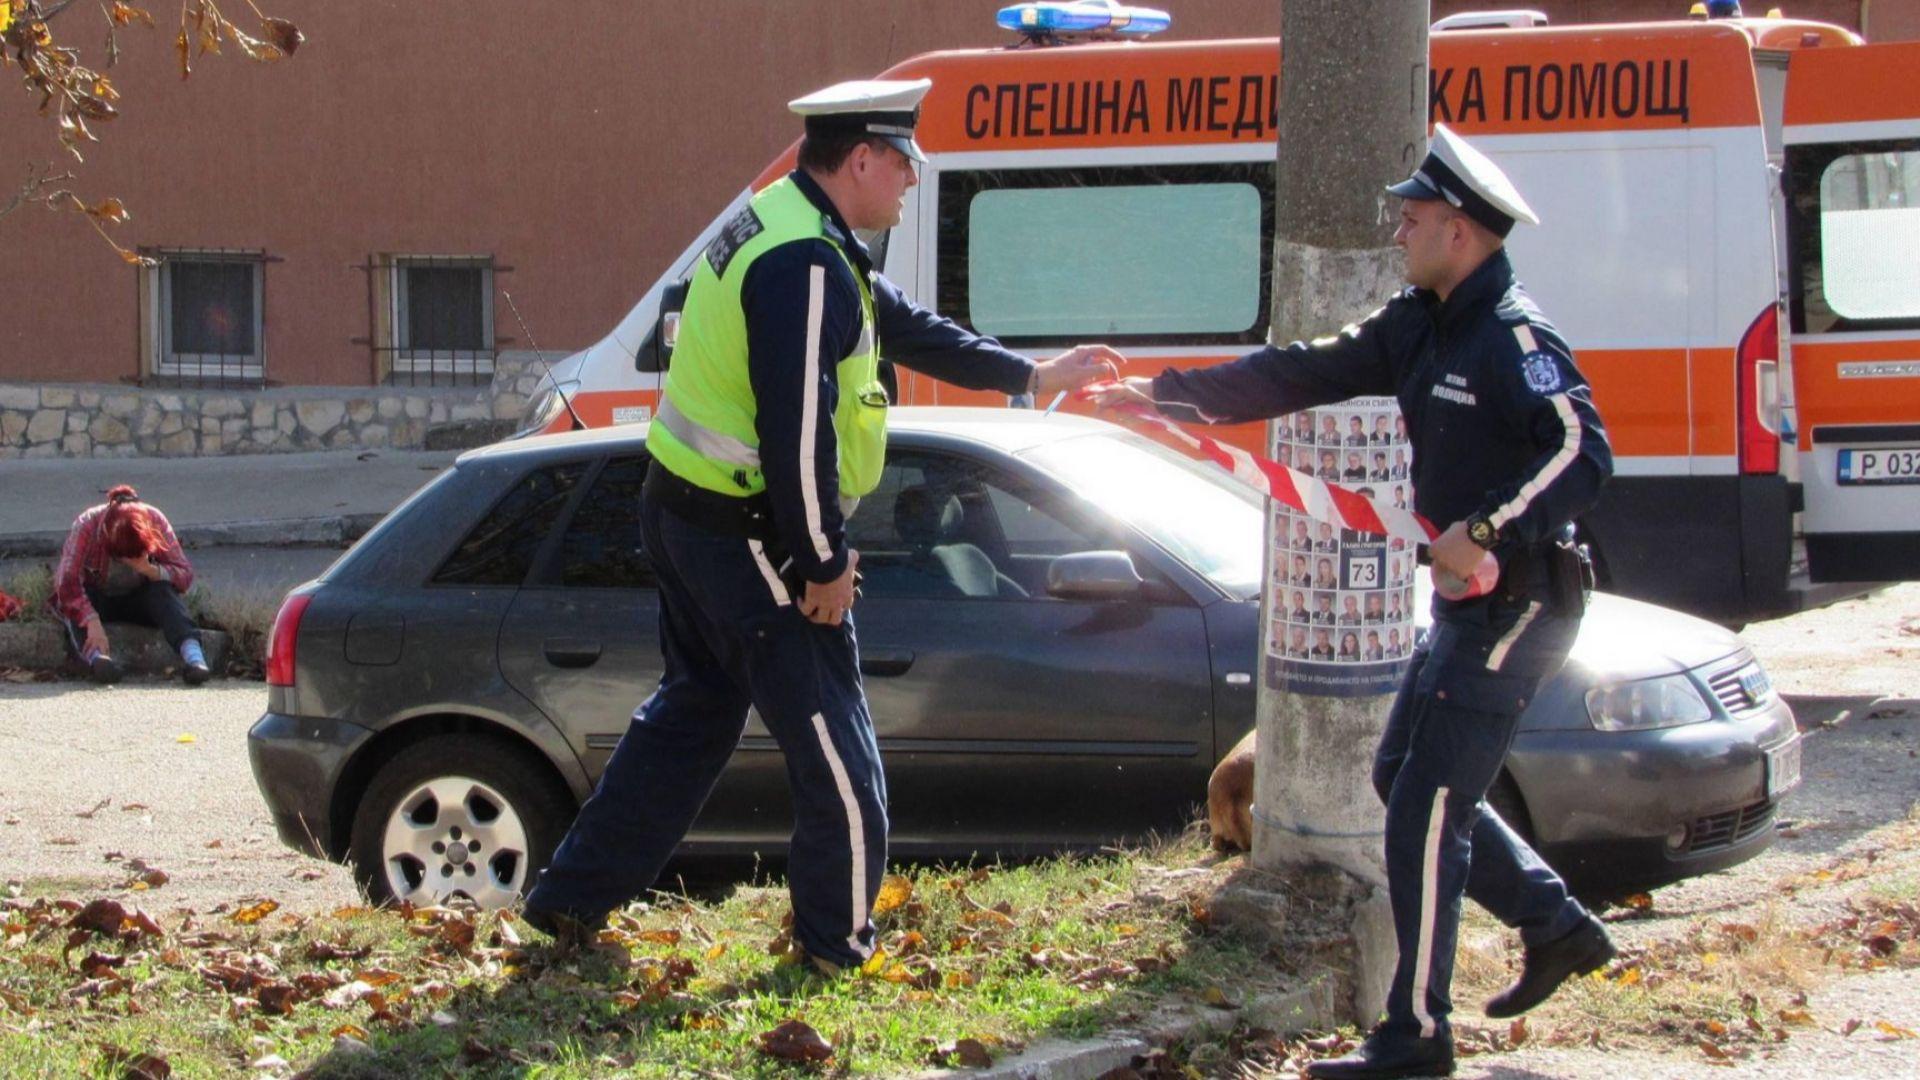 Шофьорът на камион, убил дете, вече е осъждан за причинена смърт на пътя